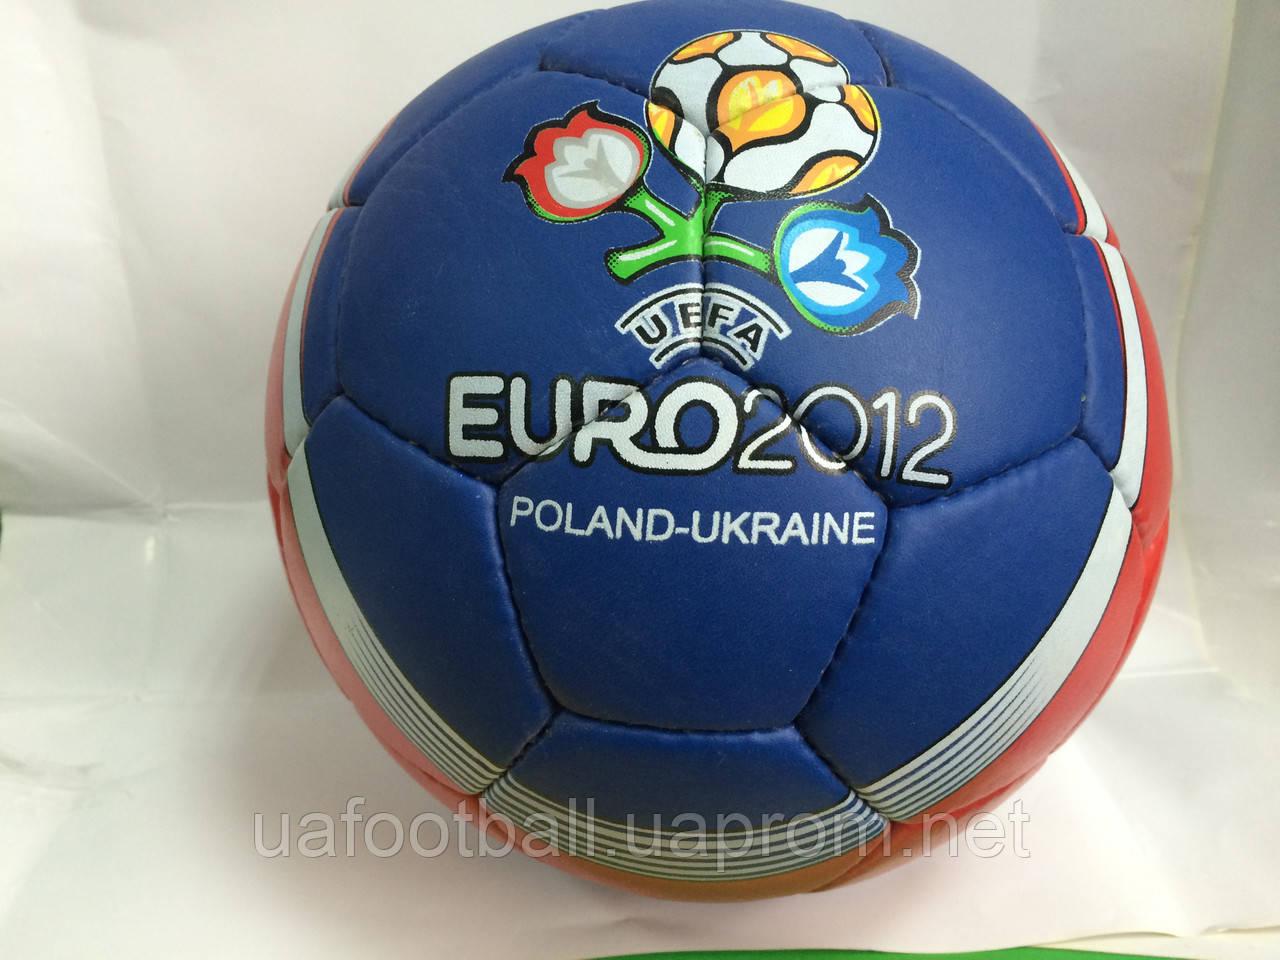 Мяч Футбольный Euro 2012 сине-красный - SportsCity в Житомире 5a70b1a5a799c